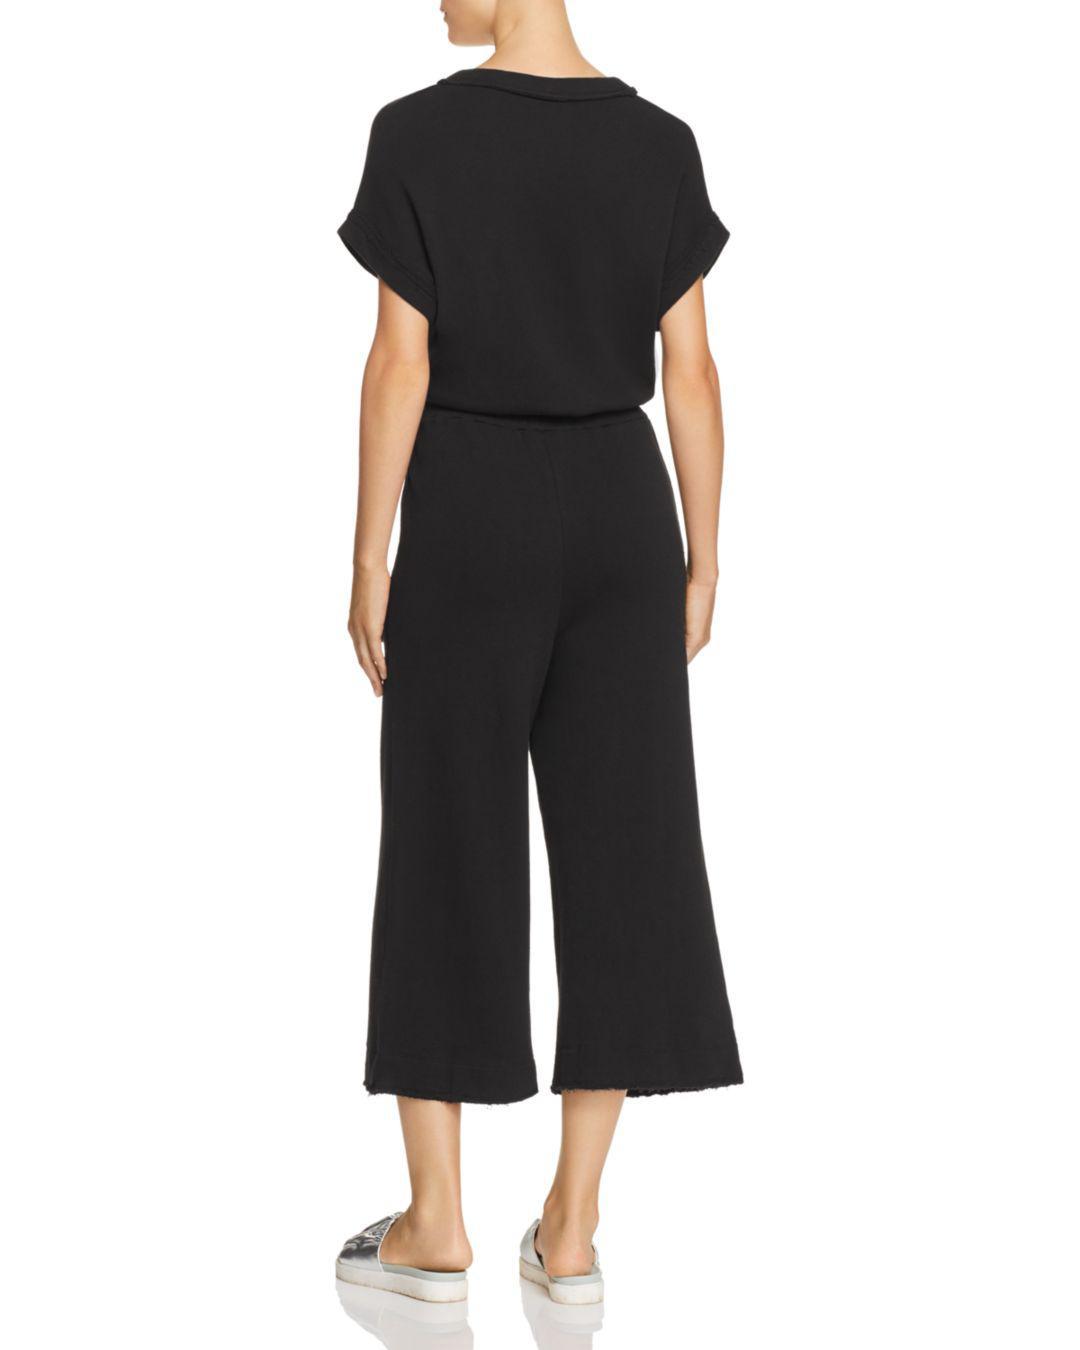 daa093bb8985 Lyst - Splendid Cropped Wide-leg Jumpsuit in Black